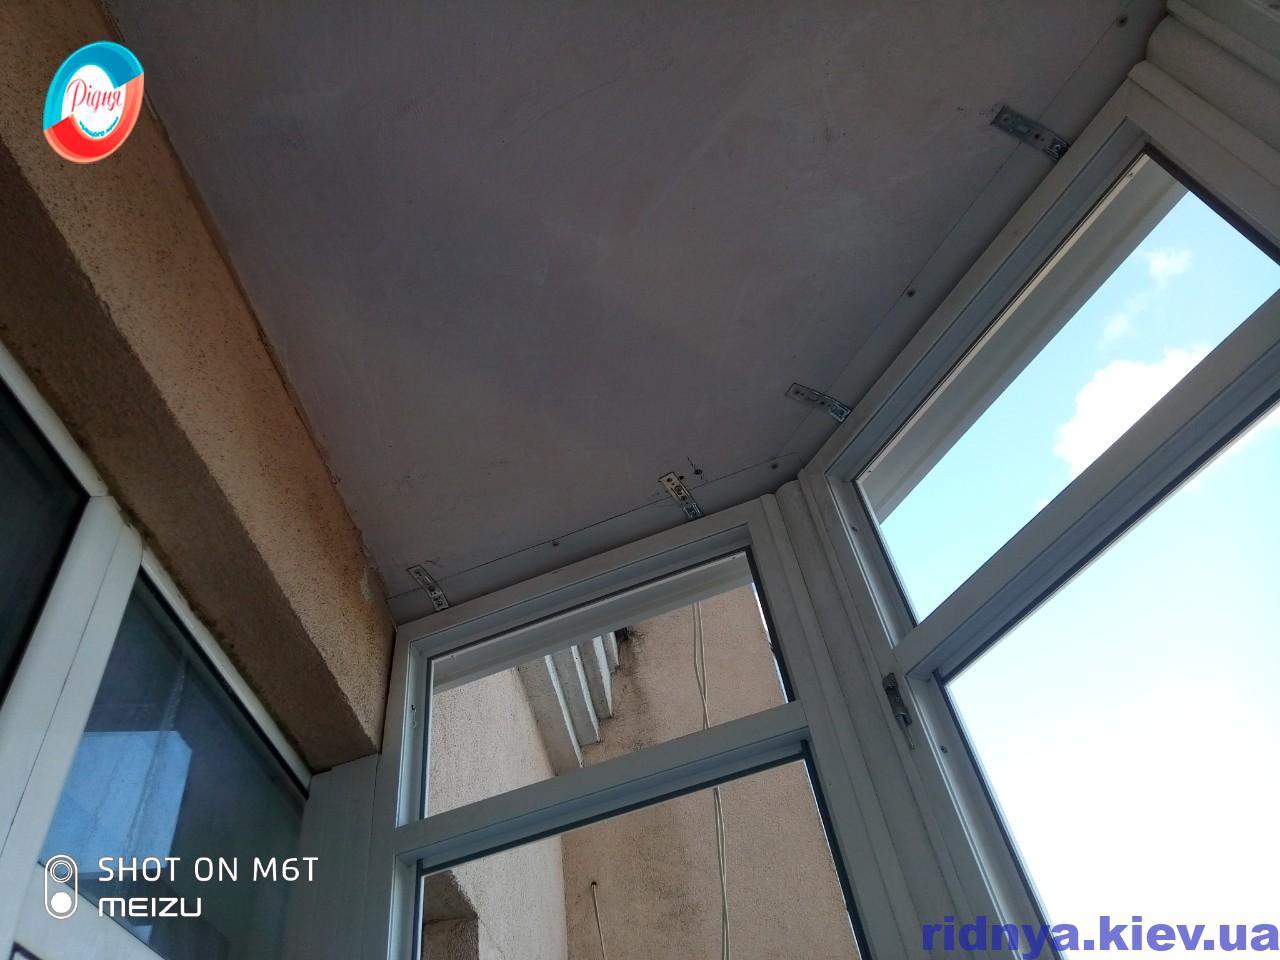 Монтаж эркерного балкона в Киеве на ул. Кудрявский спуск 3А